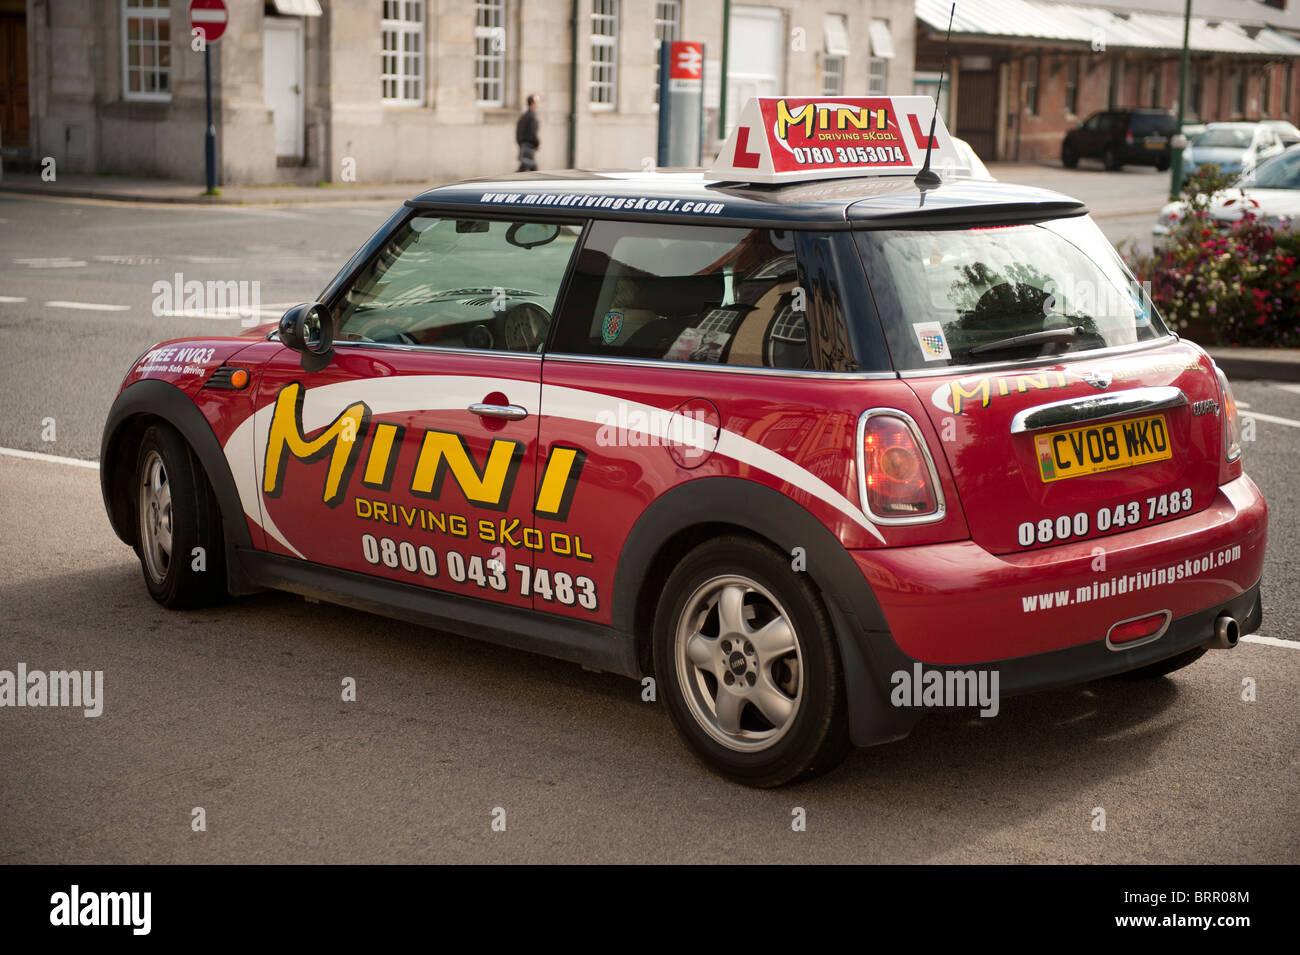 Mini voiture auto-école leçon UK Photo Stock